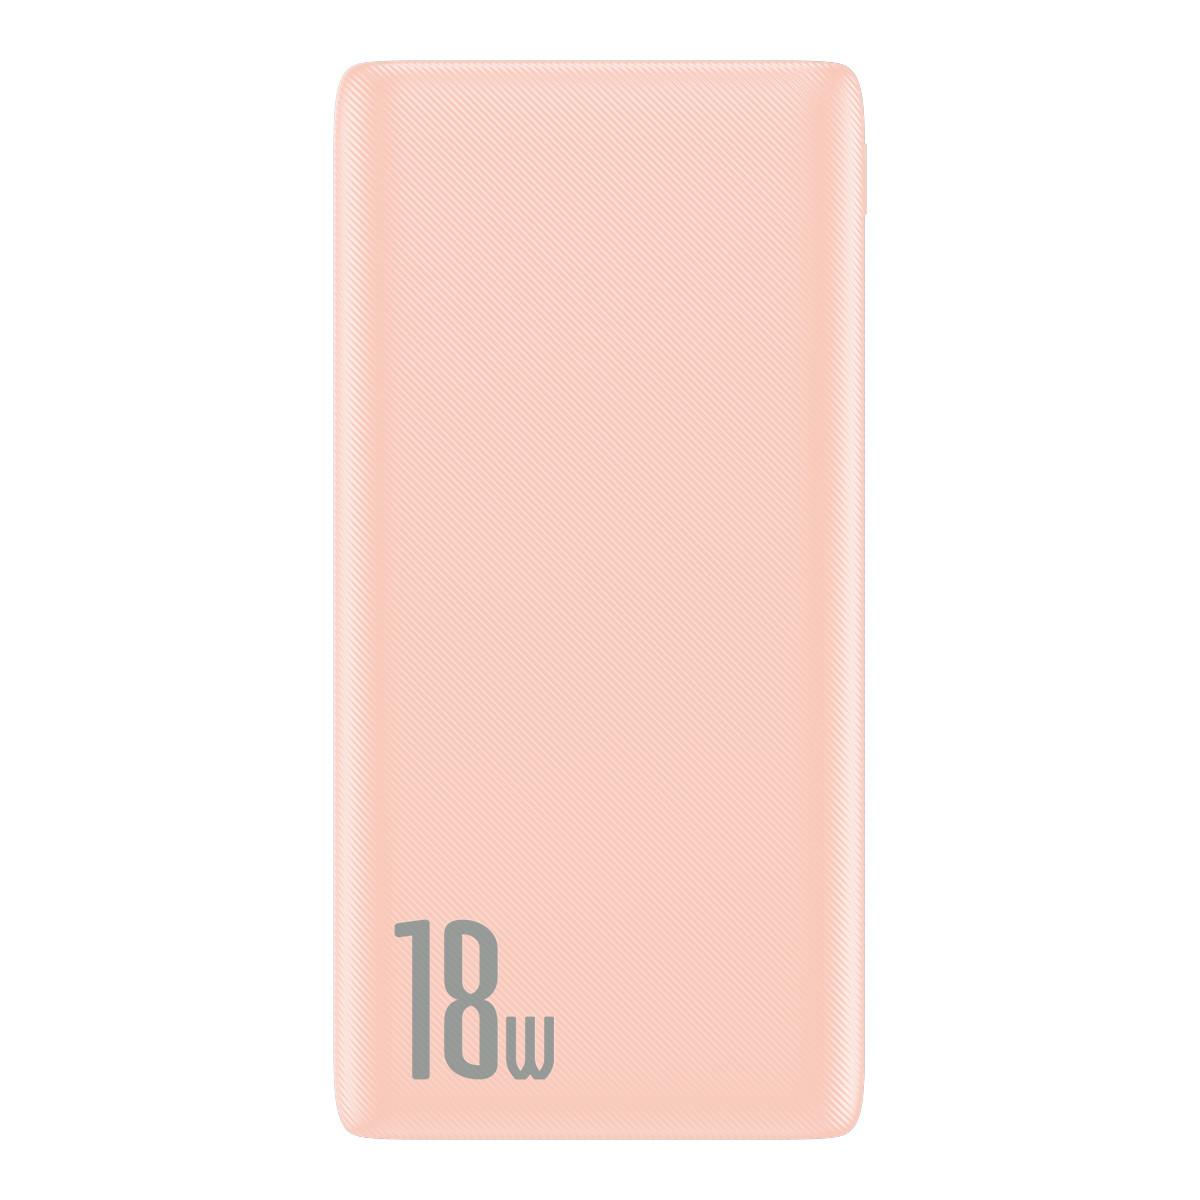 Power Bank Baseus Bipow PD+QC 10000mAh Pink - 4